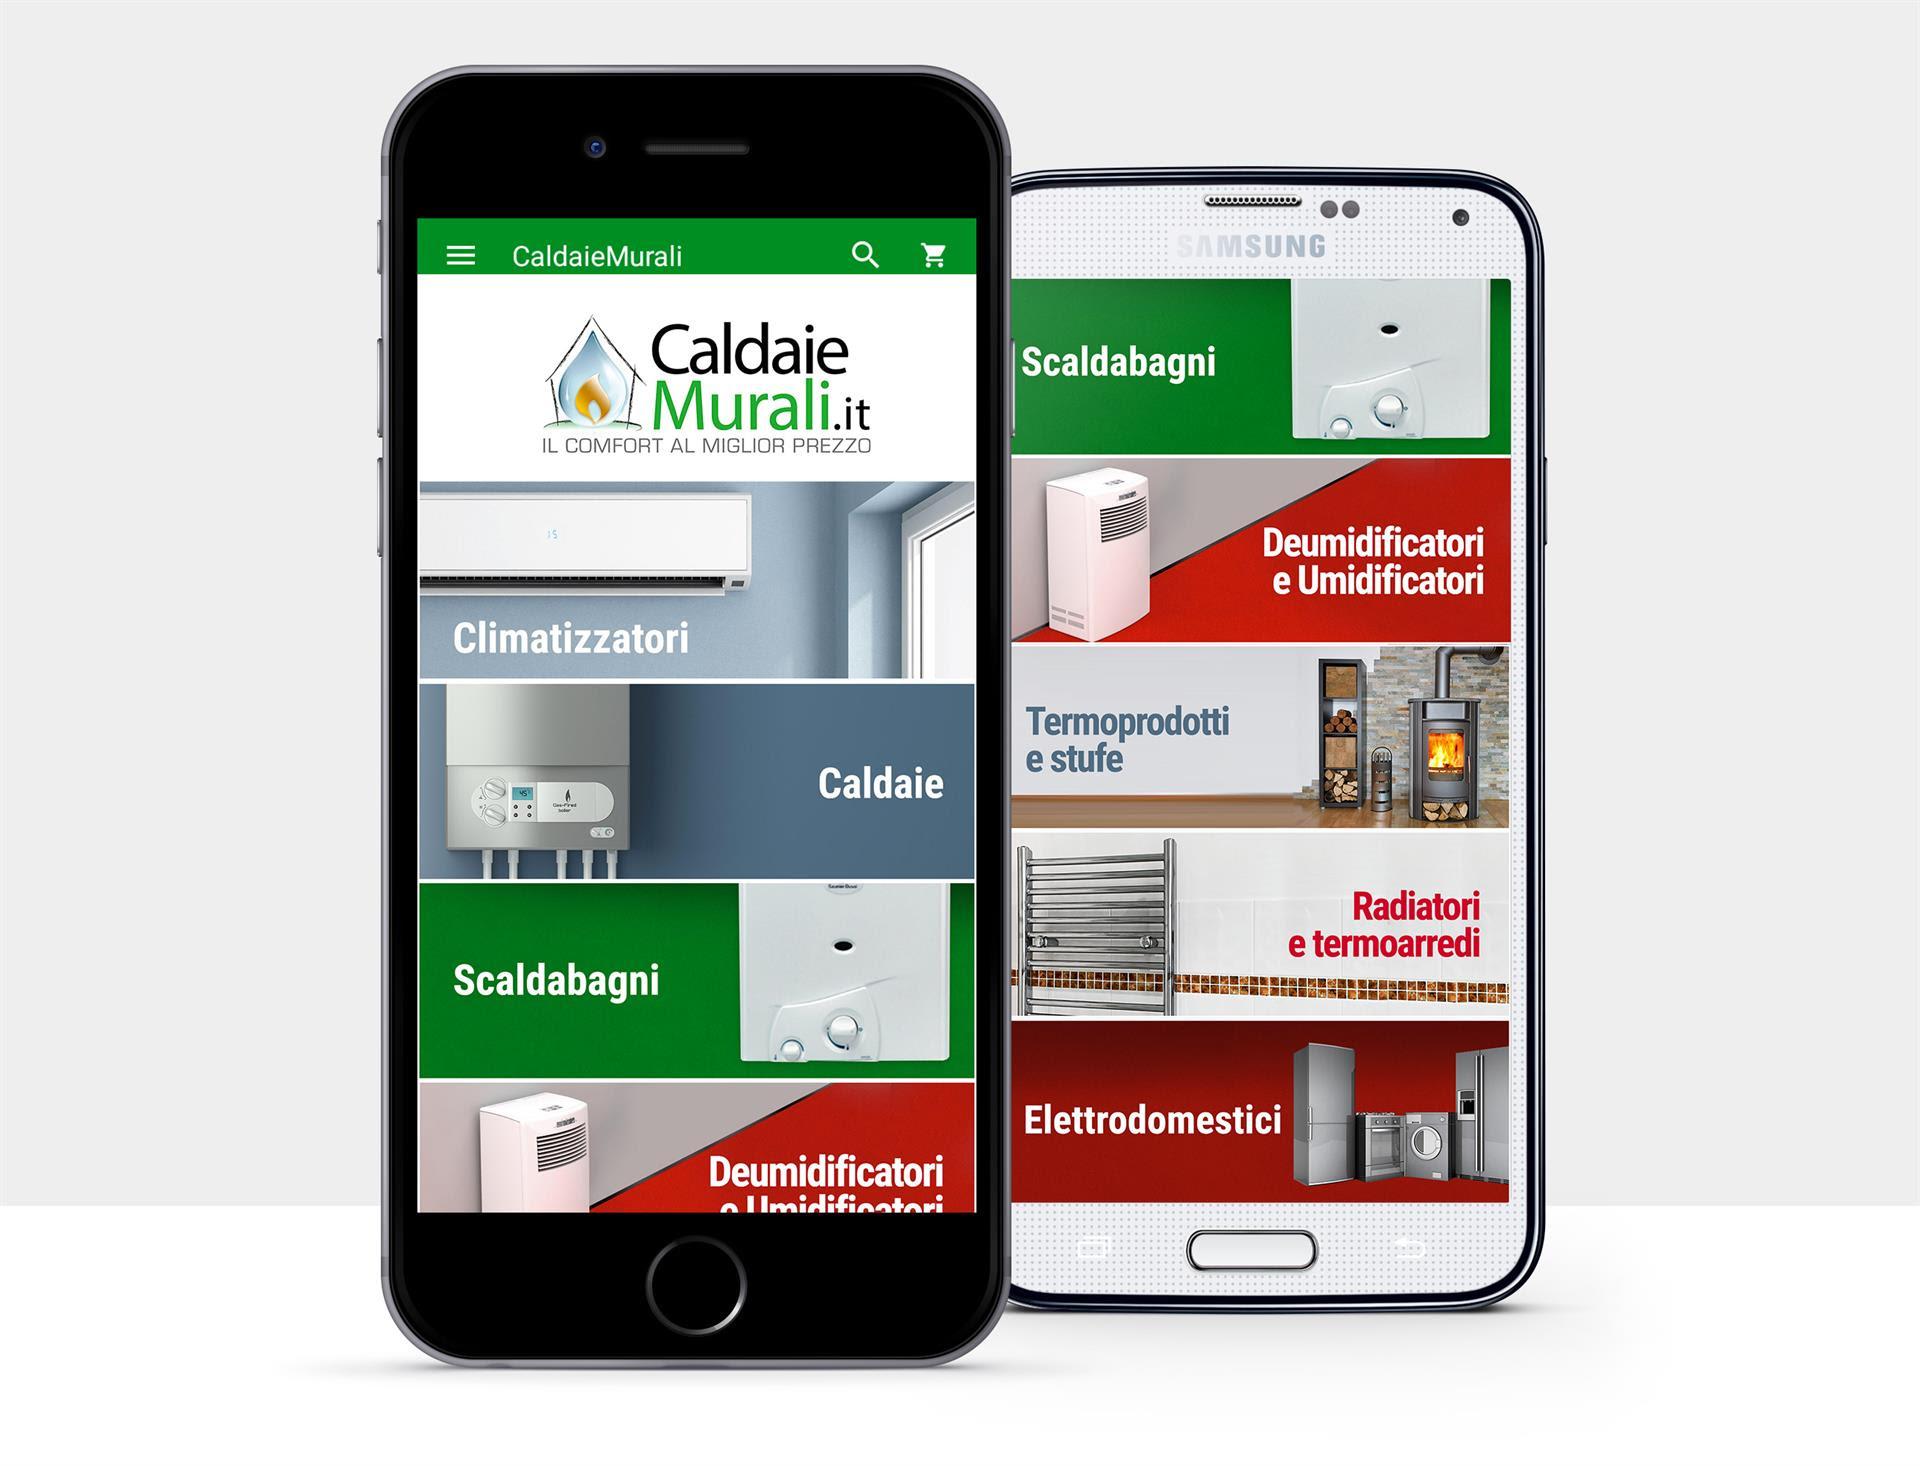 Caldaiemurali App